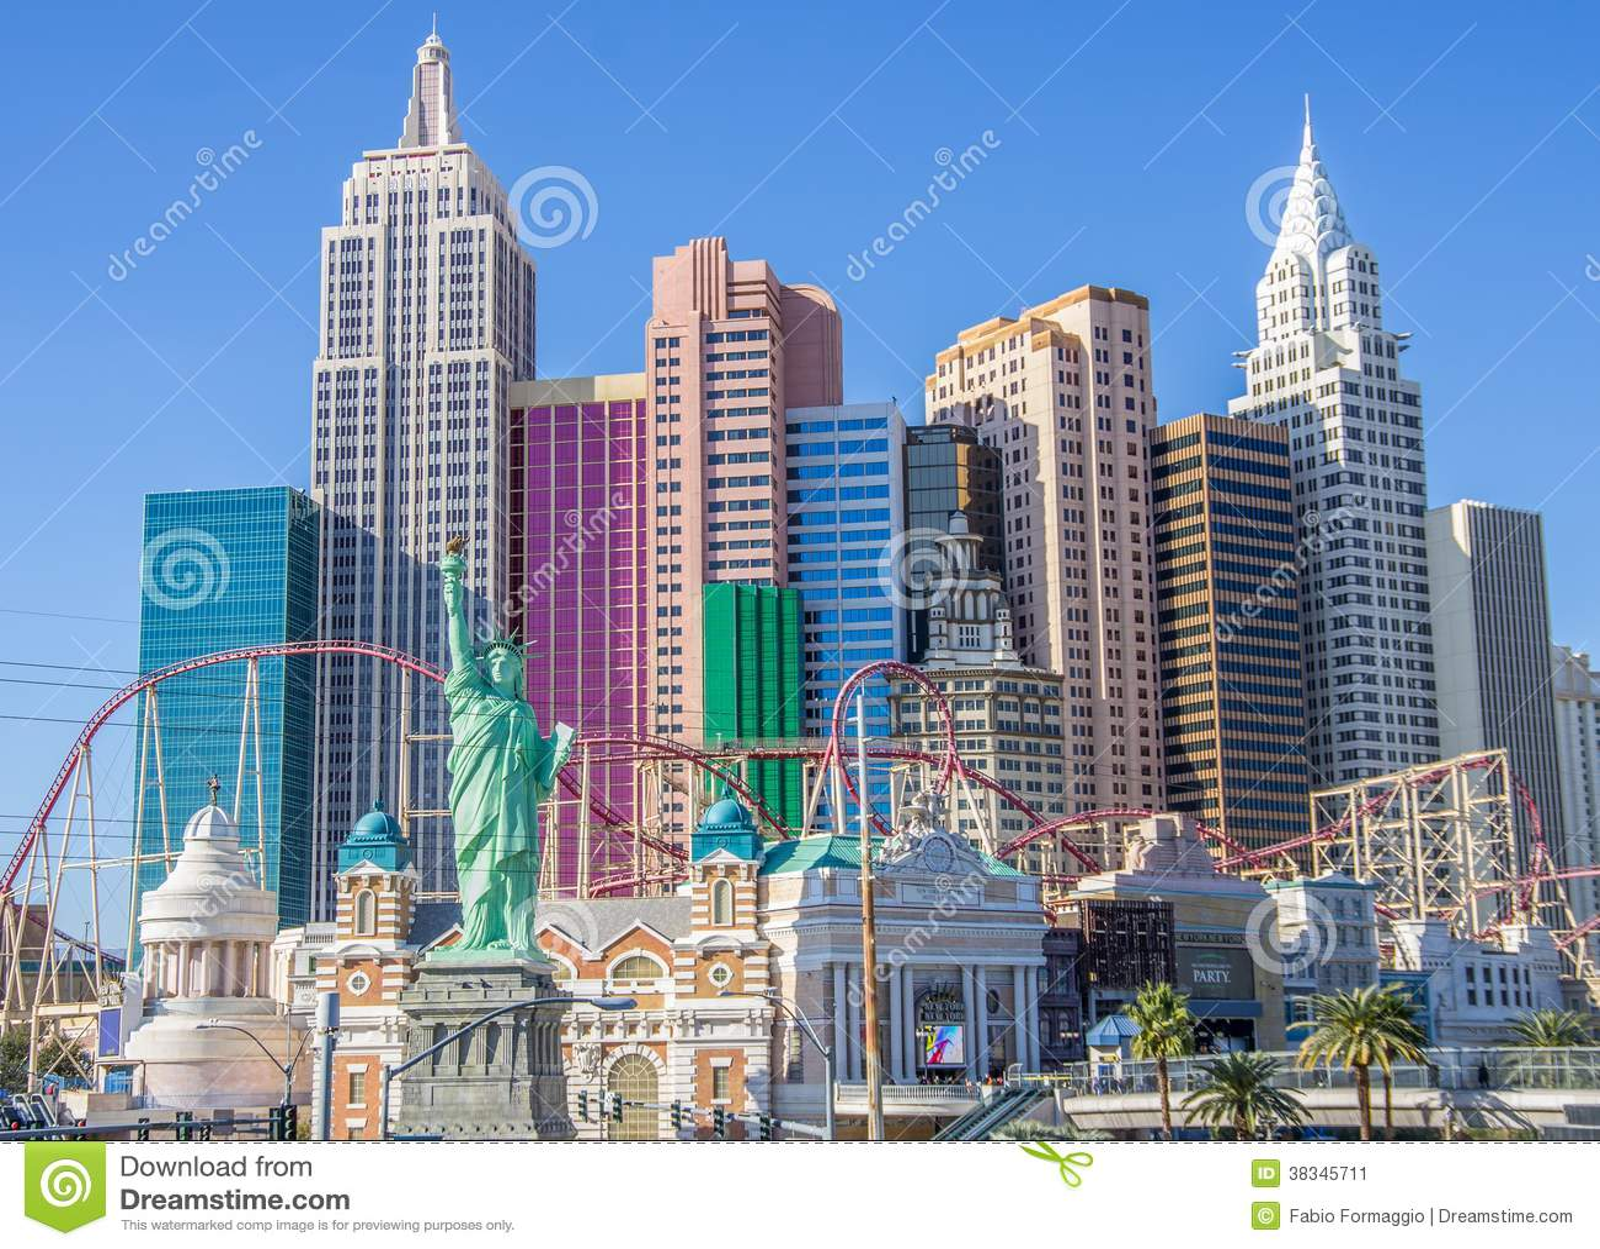 Casino Las Vegas  Online Casino Games Bonuses amp VIP